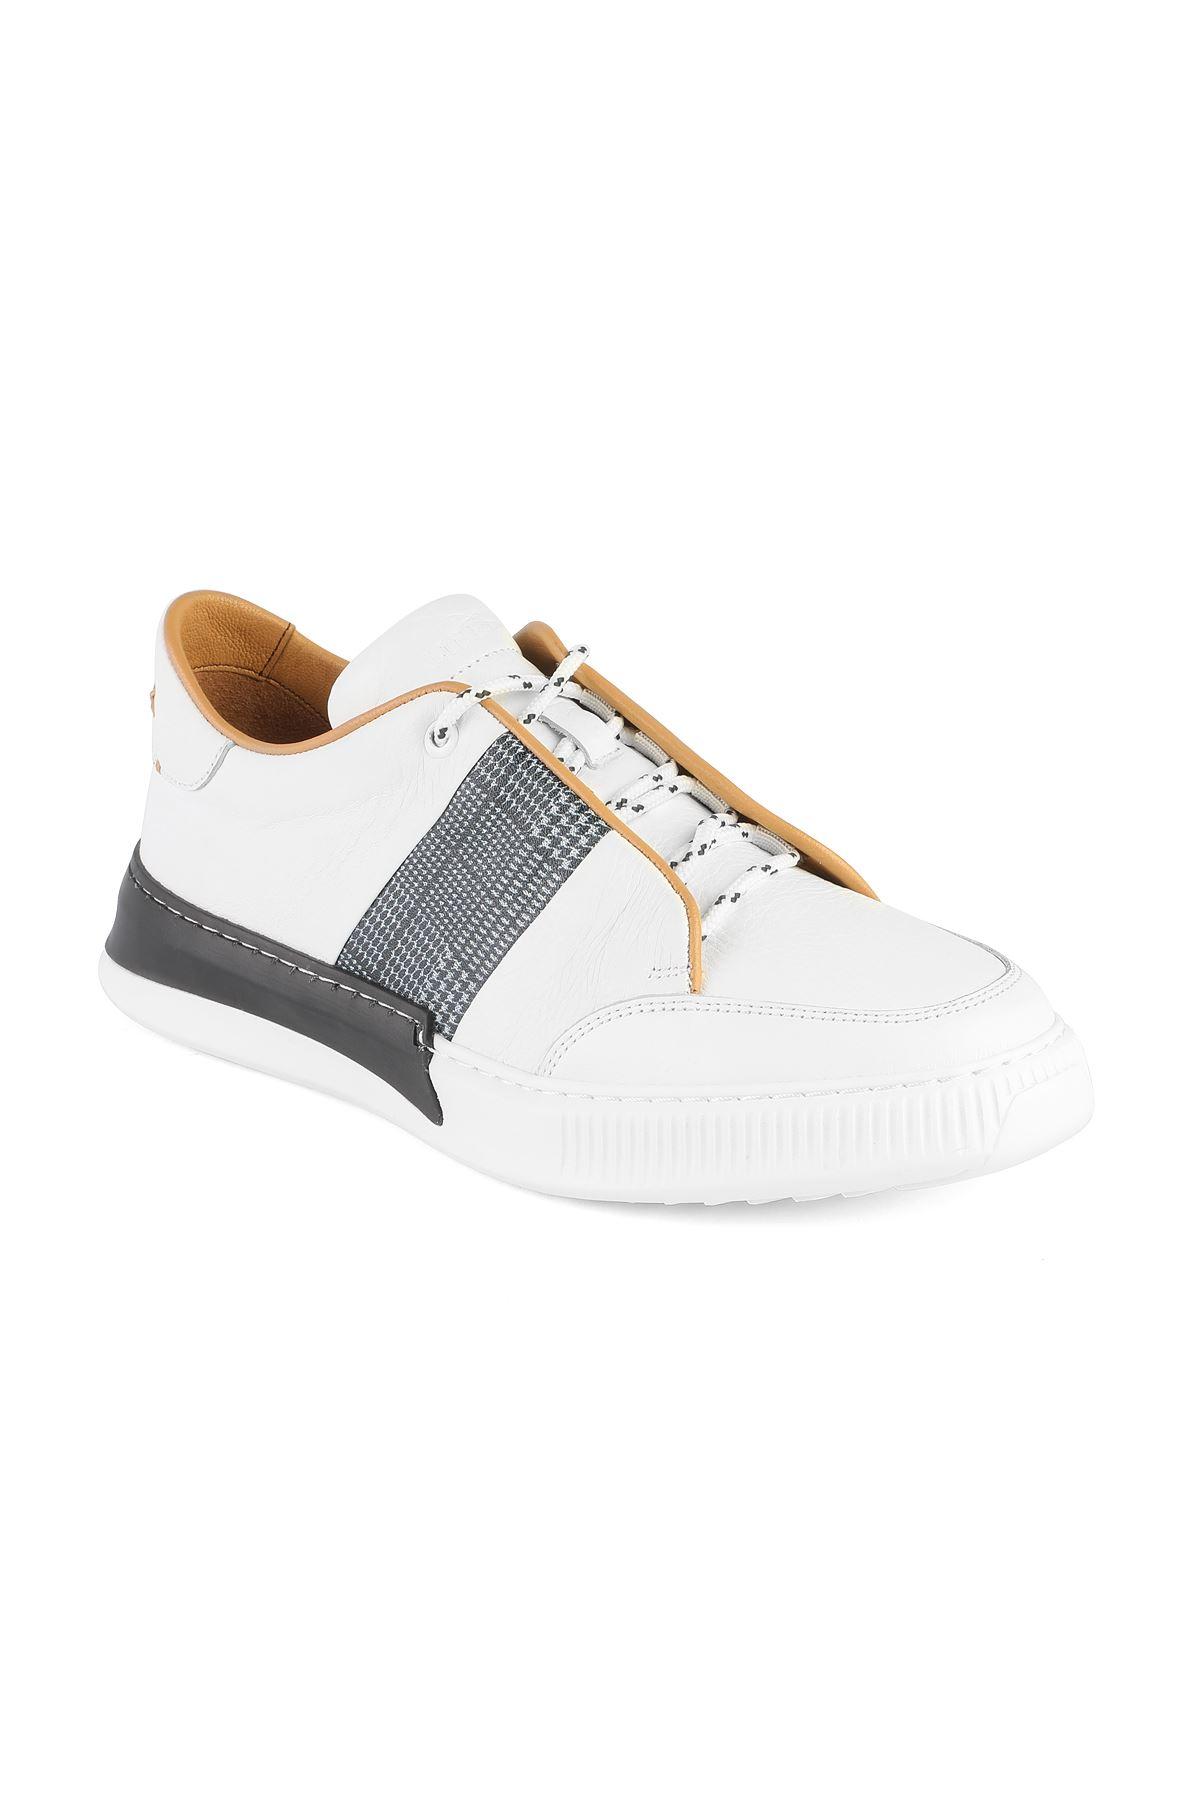 Libero 3349 White Casual Shoes